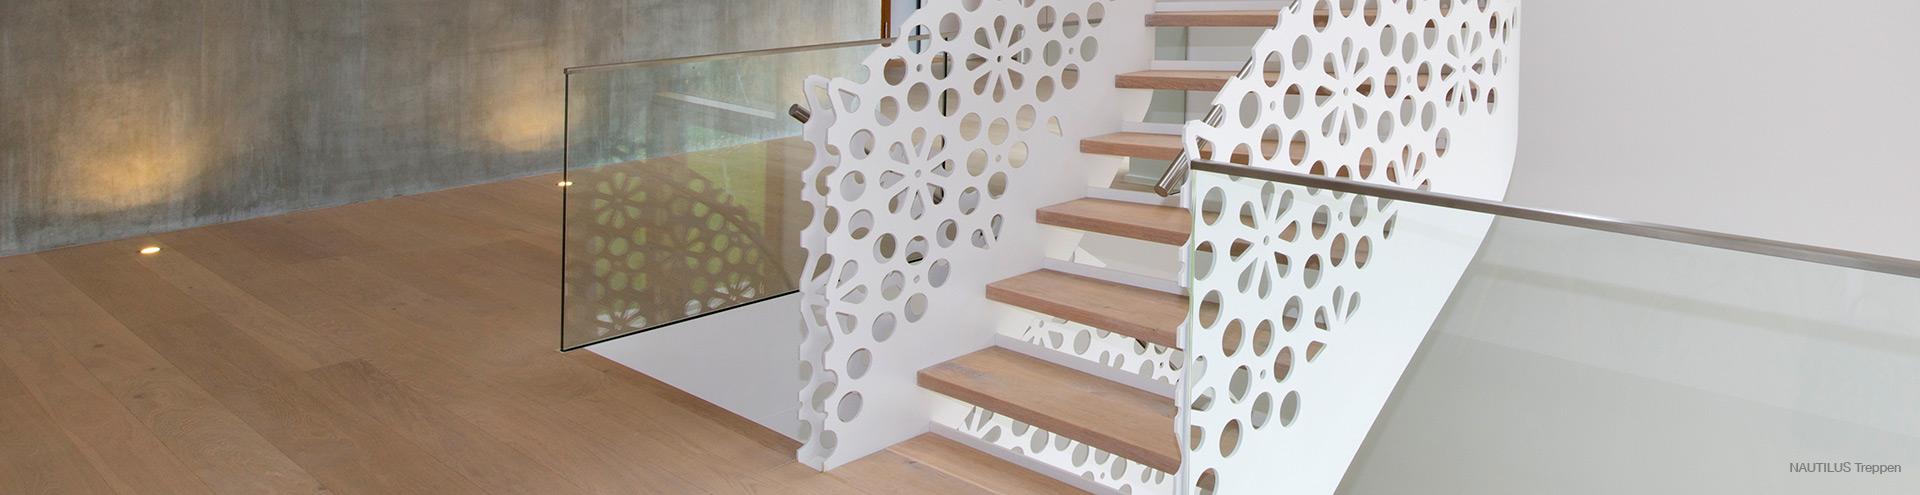 treppen.de | finden sie treppenbauer für ihre persönliche treppe